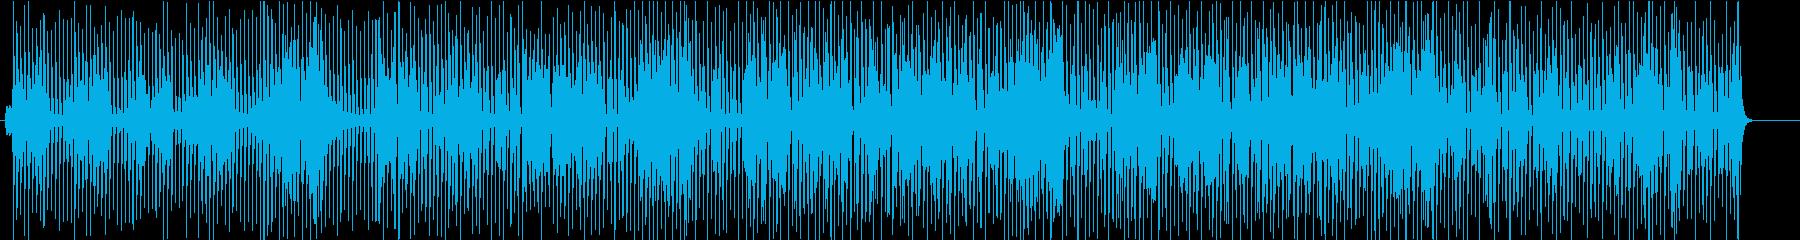 何かに追われてるジャズブルース(ブラシ)の再生済みの波形